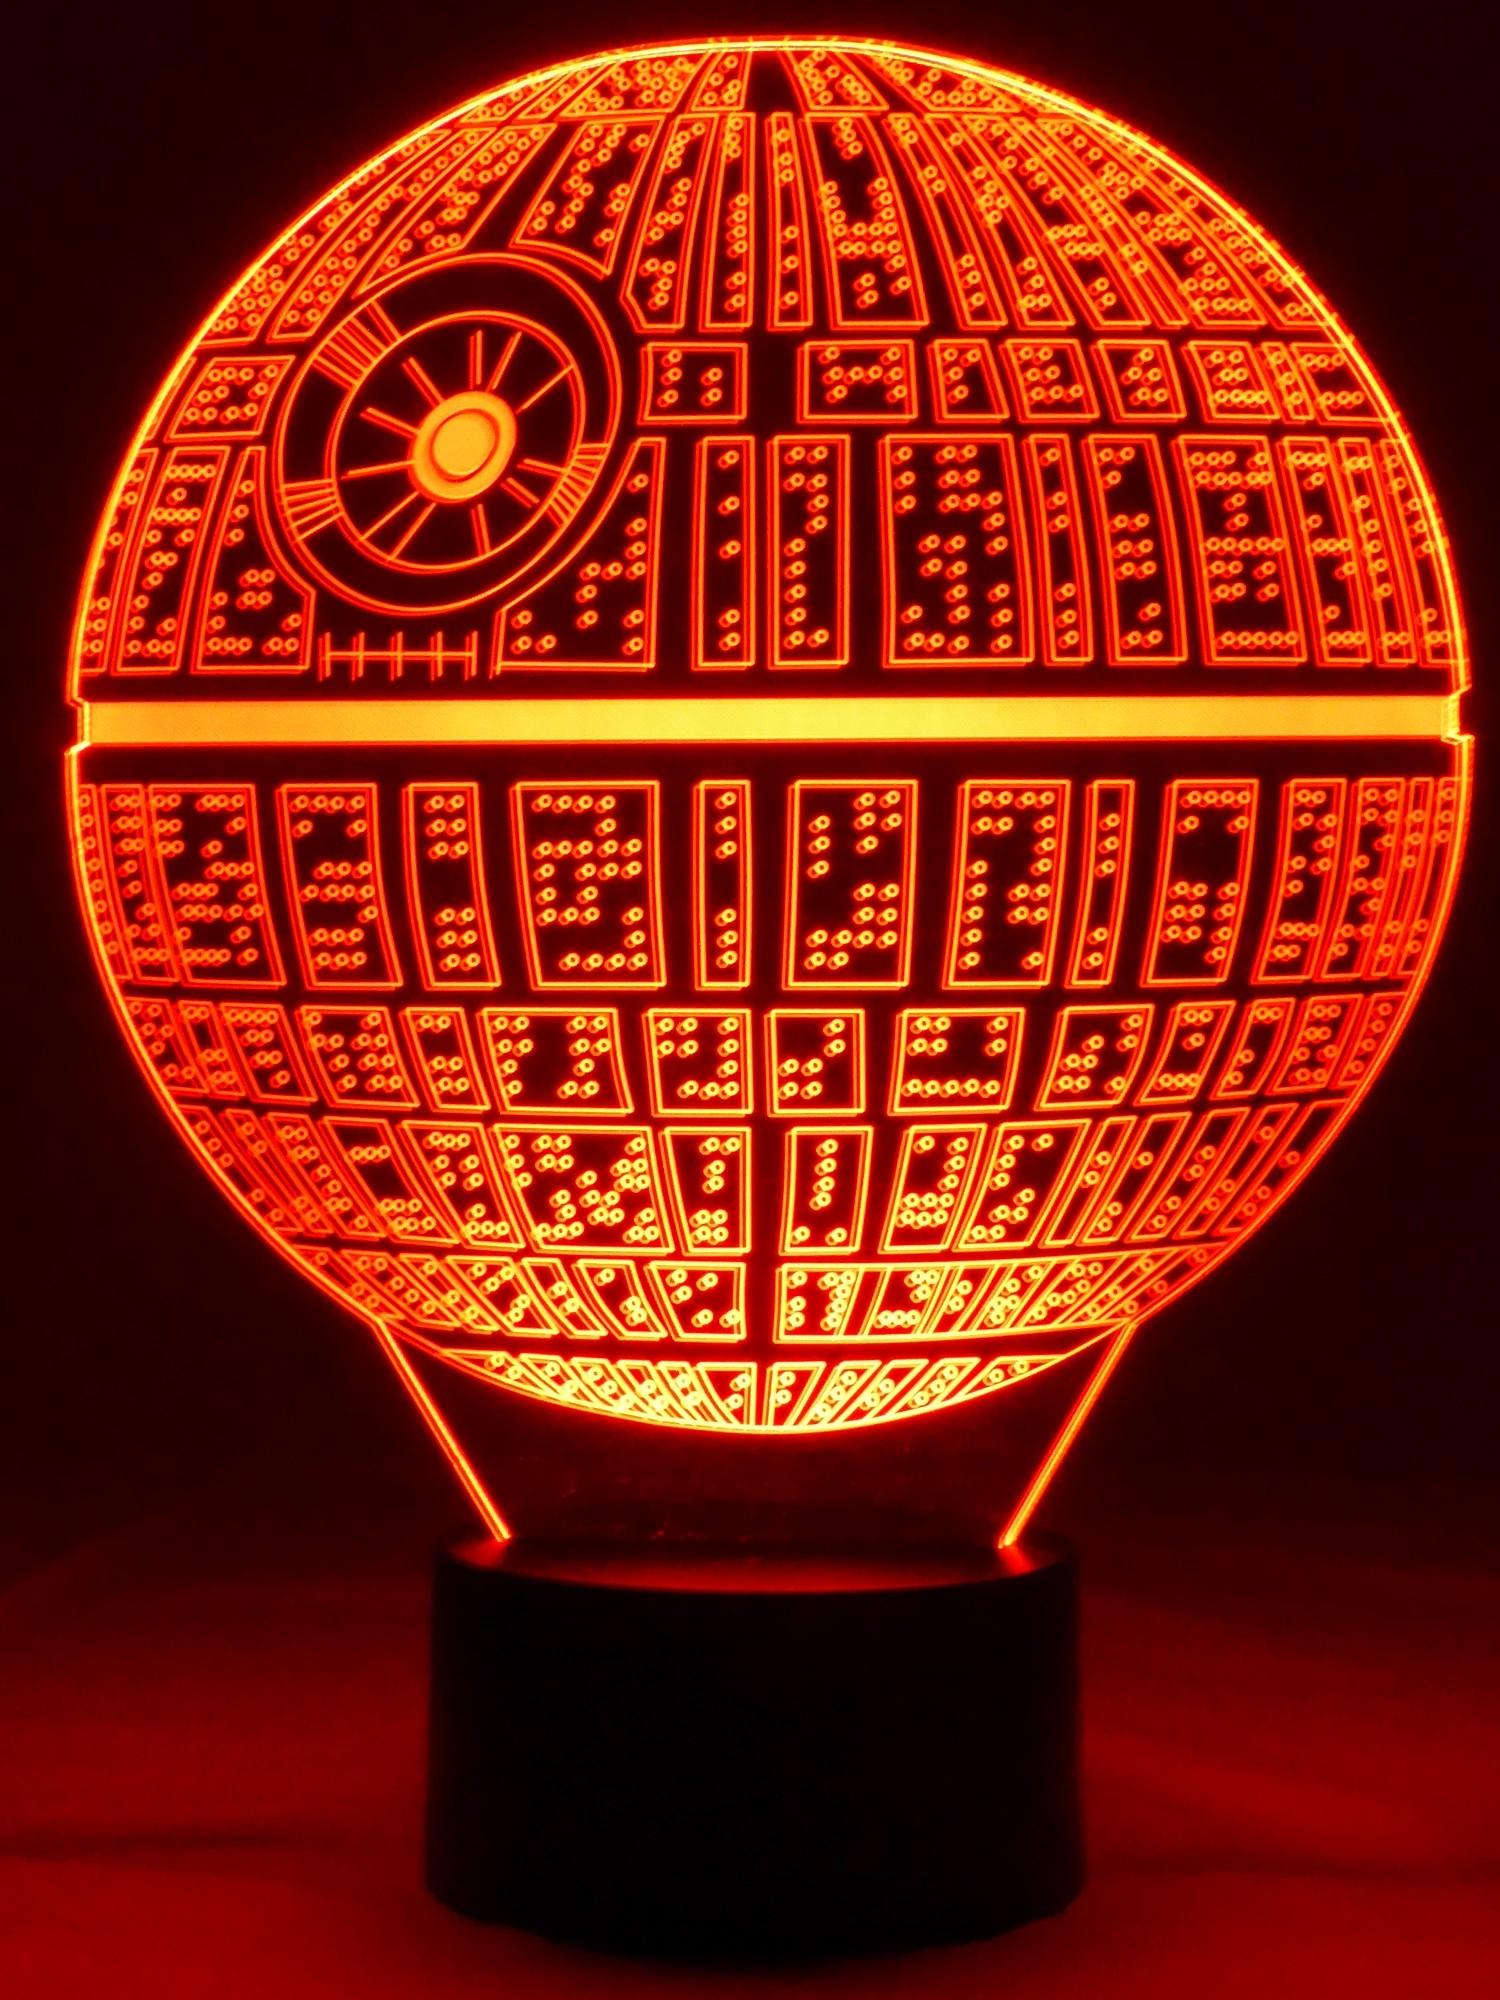 star wars todesstern george lucas - Star Wars Todesstern Lampe